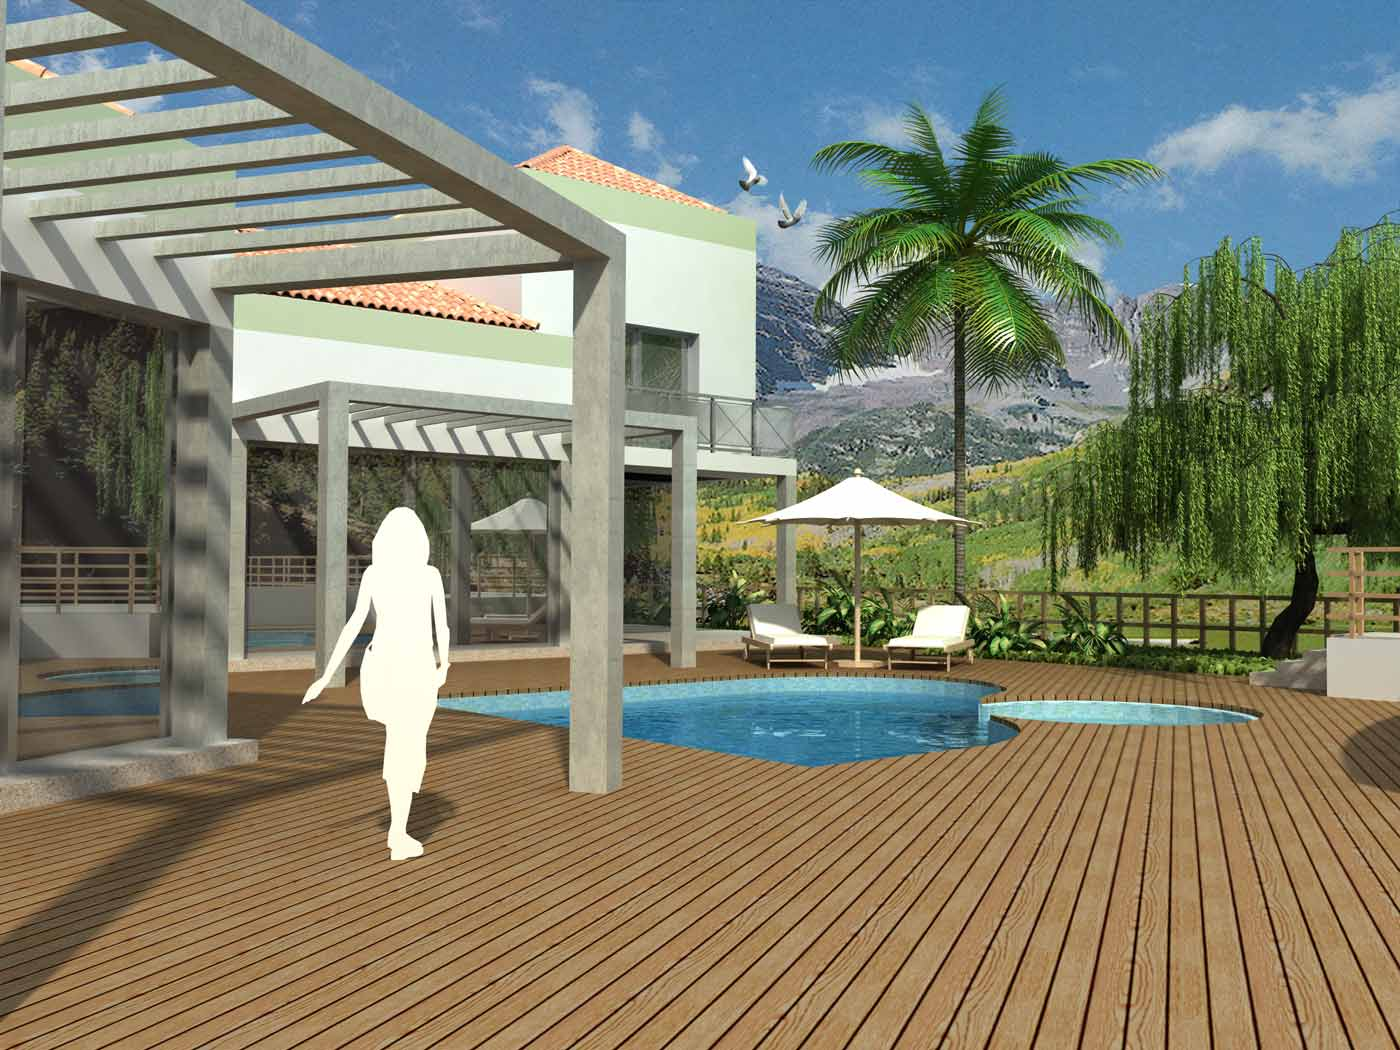 ayuda mejorar render casa con piscina